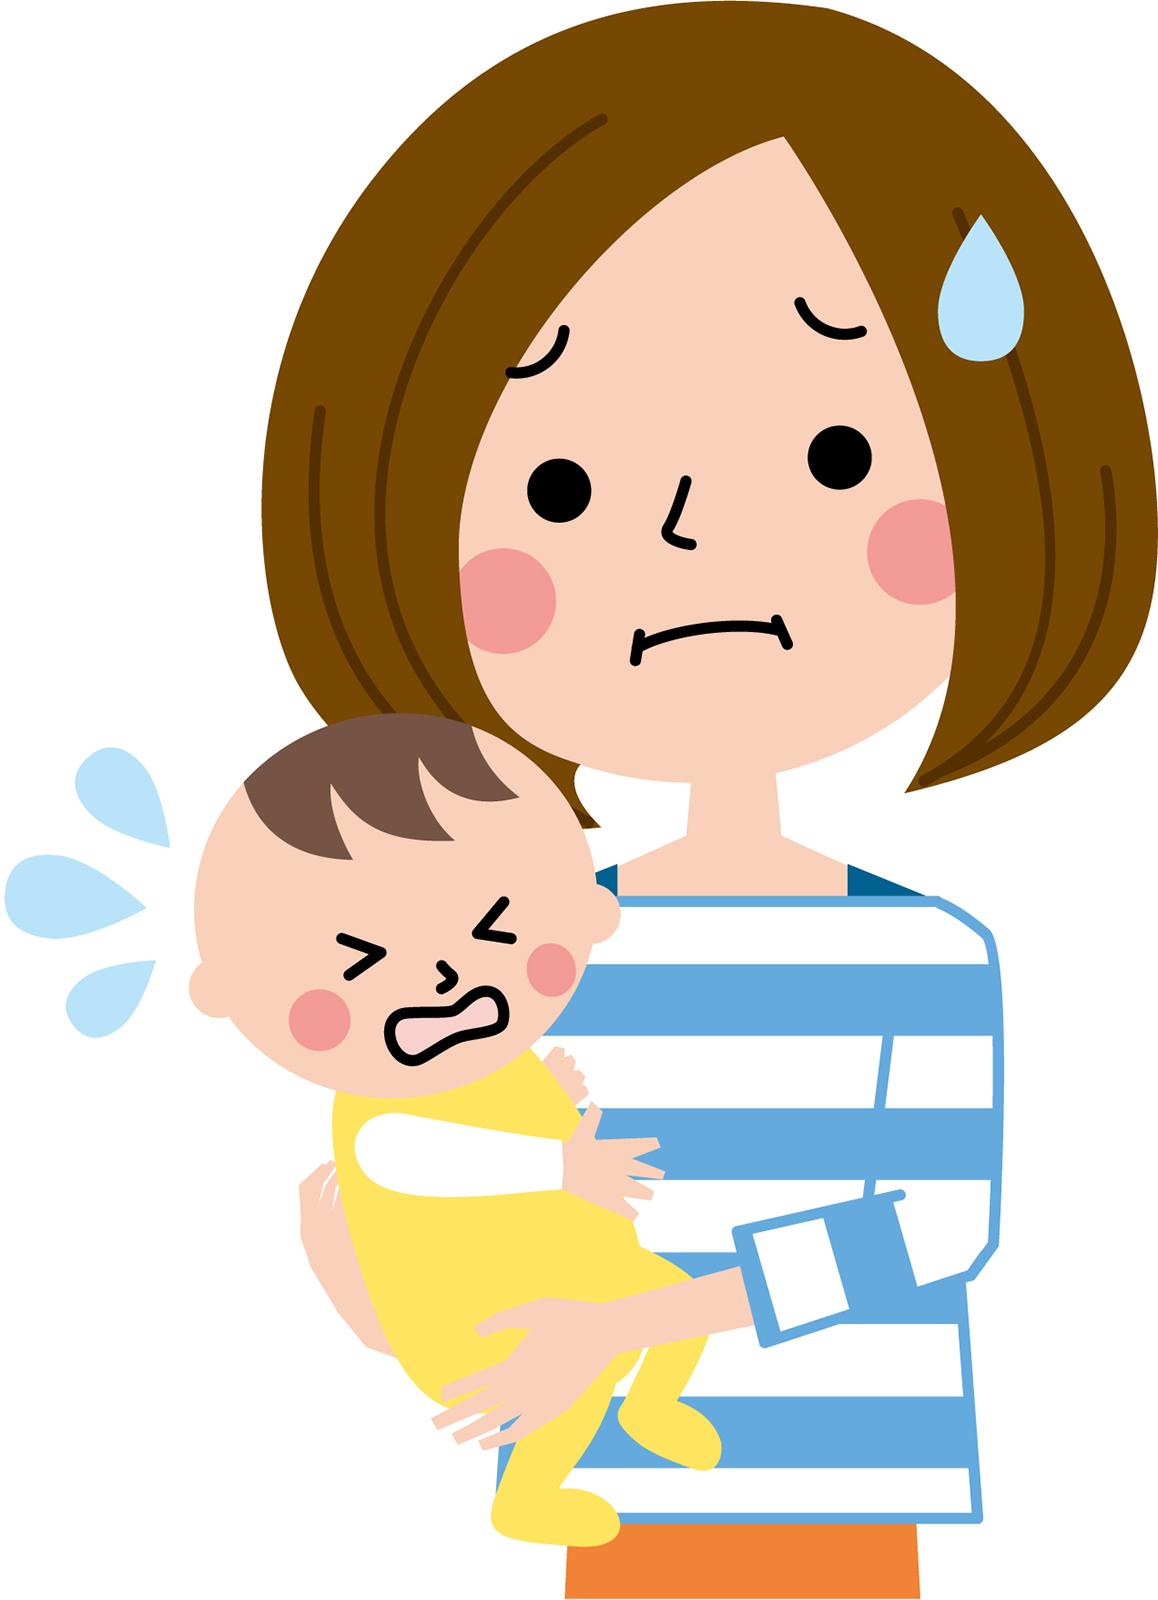 赤ちゃん,抱っこで寝ない,抱き方,コツ